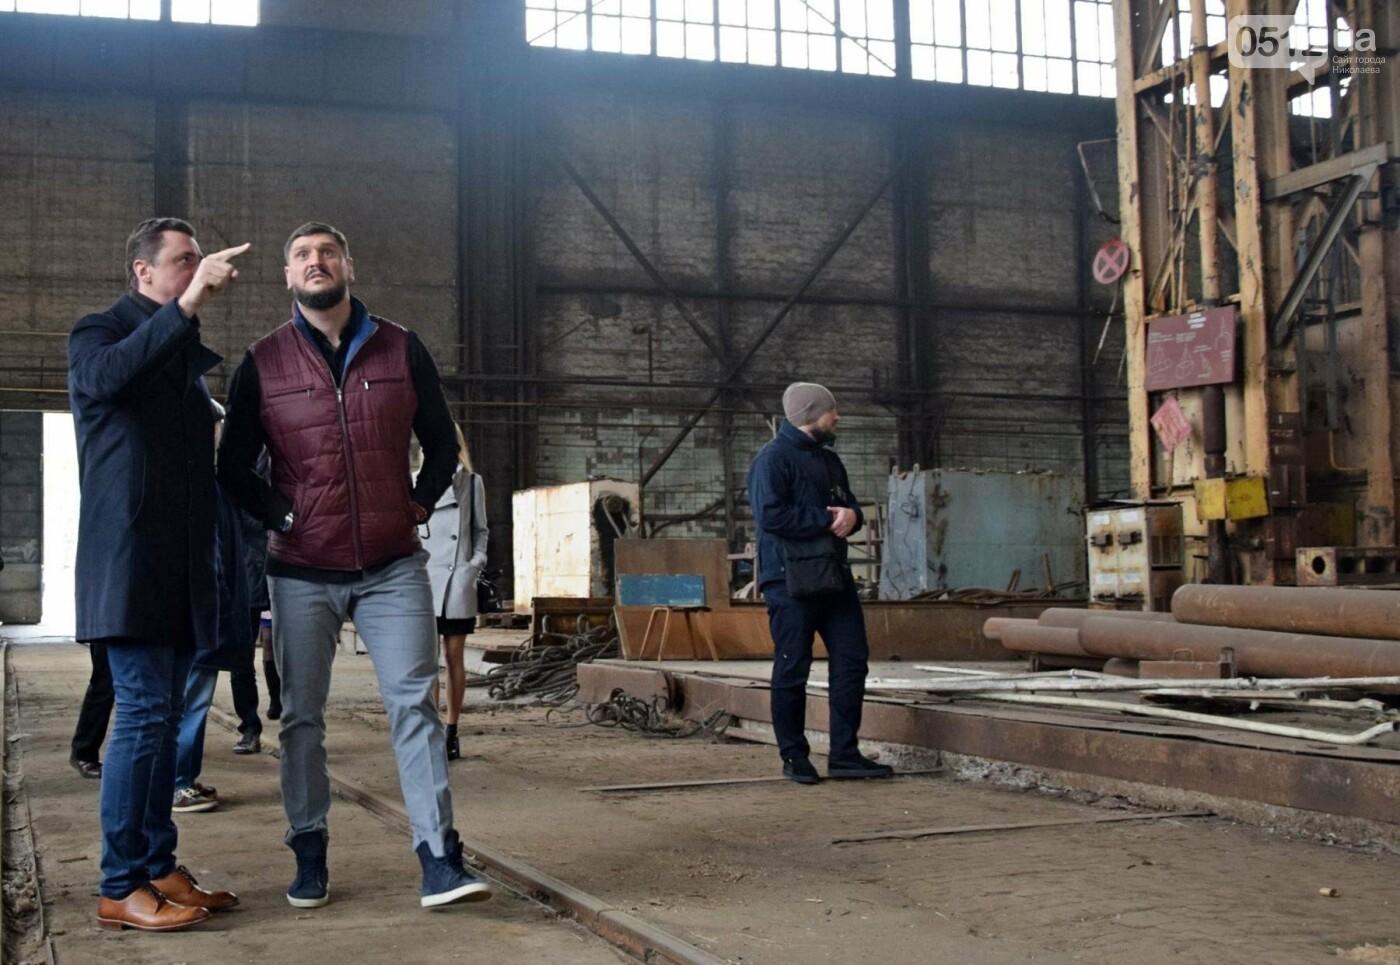 Крупный американский инвестор может создать 2-3 тысячи рабочих мест в Николаеве, - Савченко, фото-1